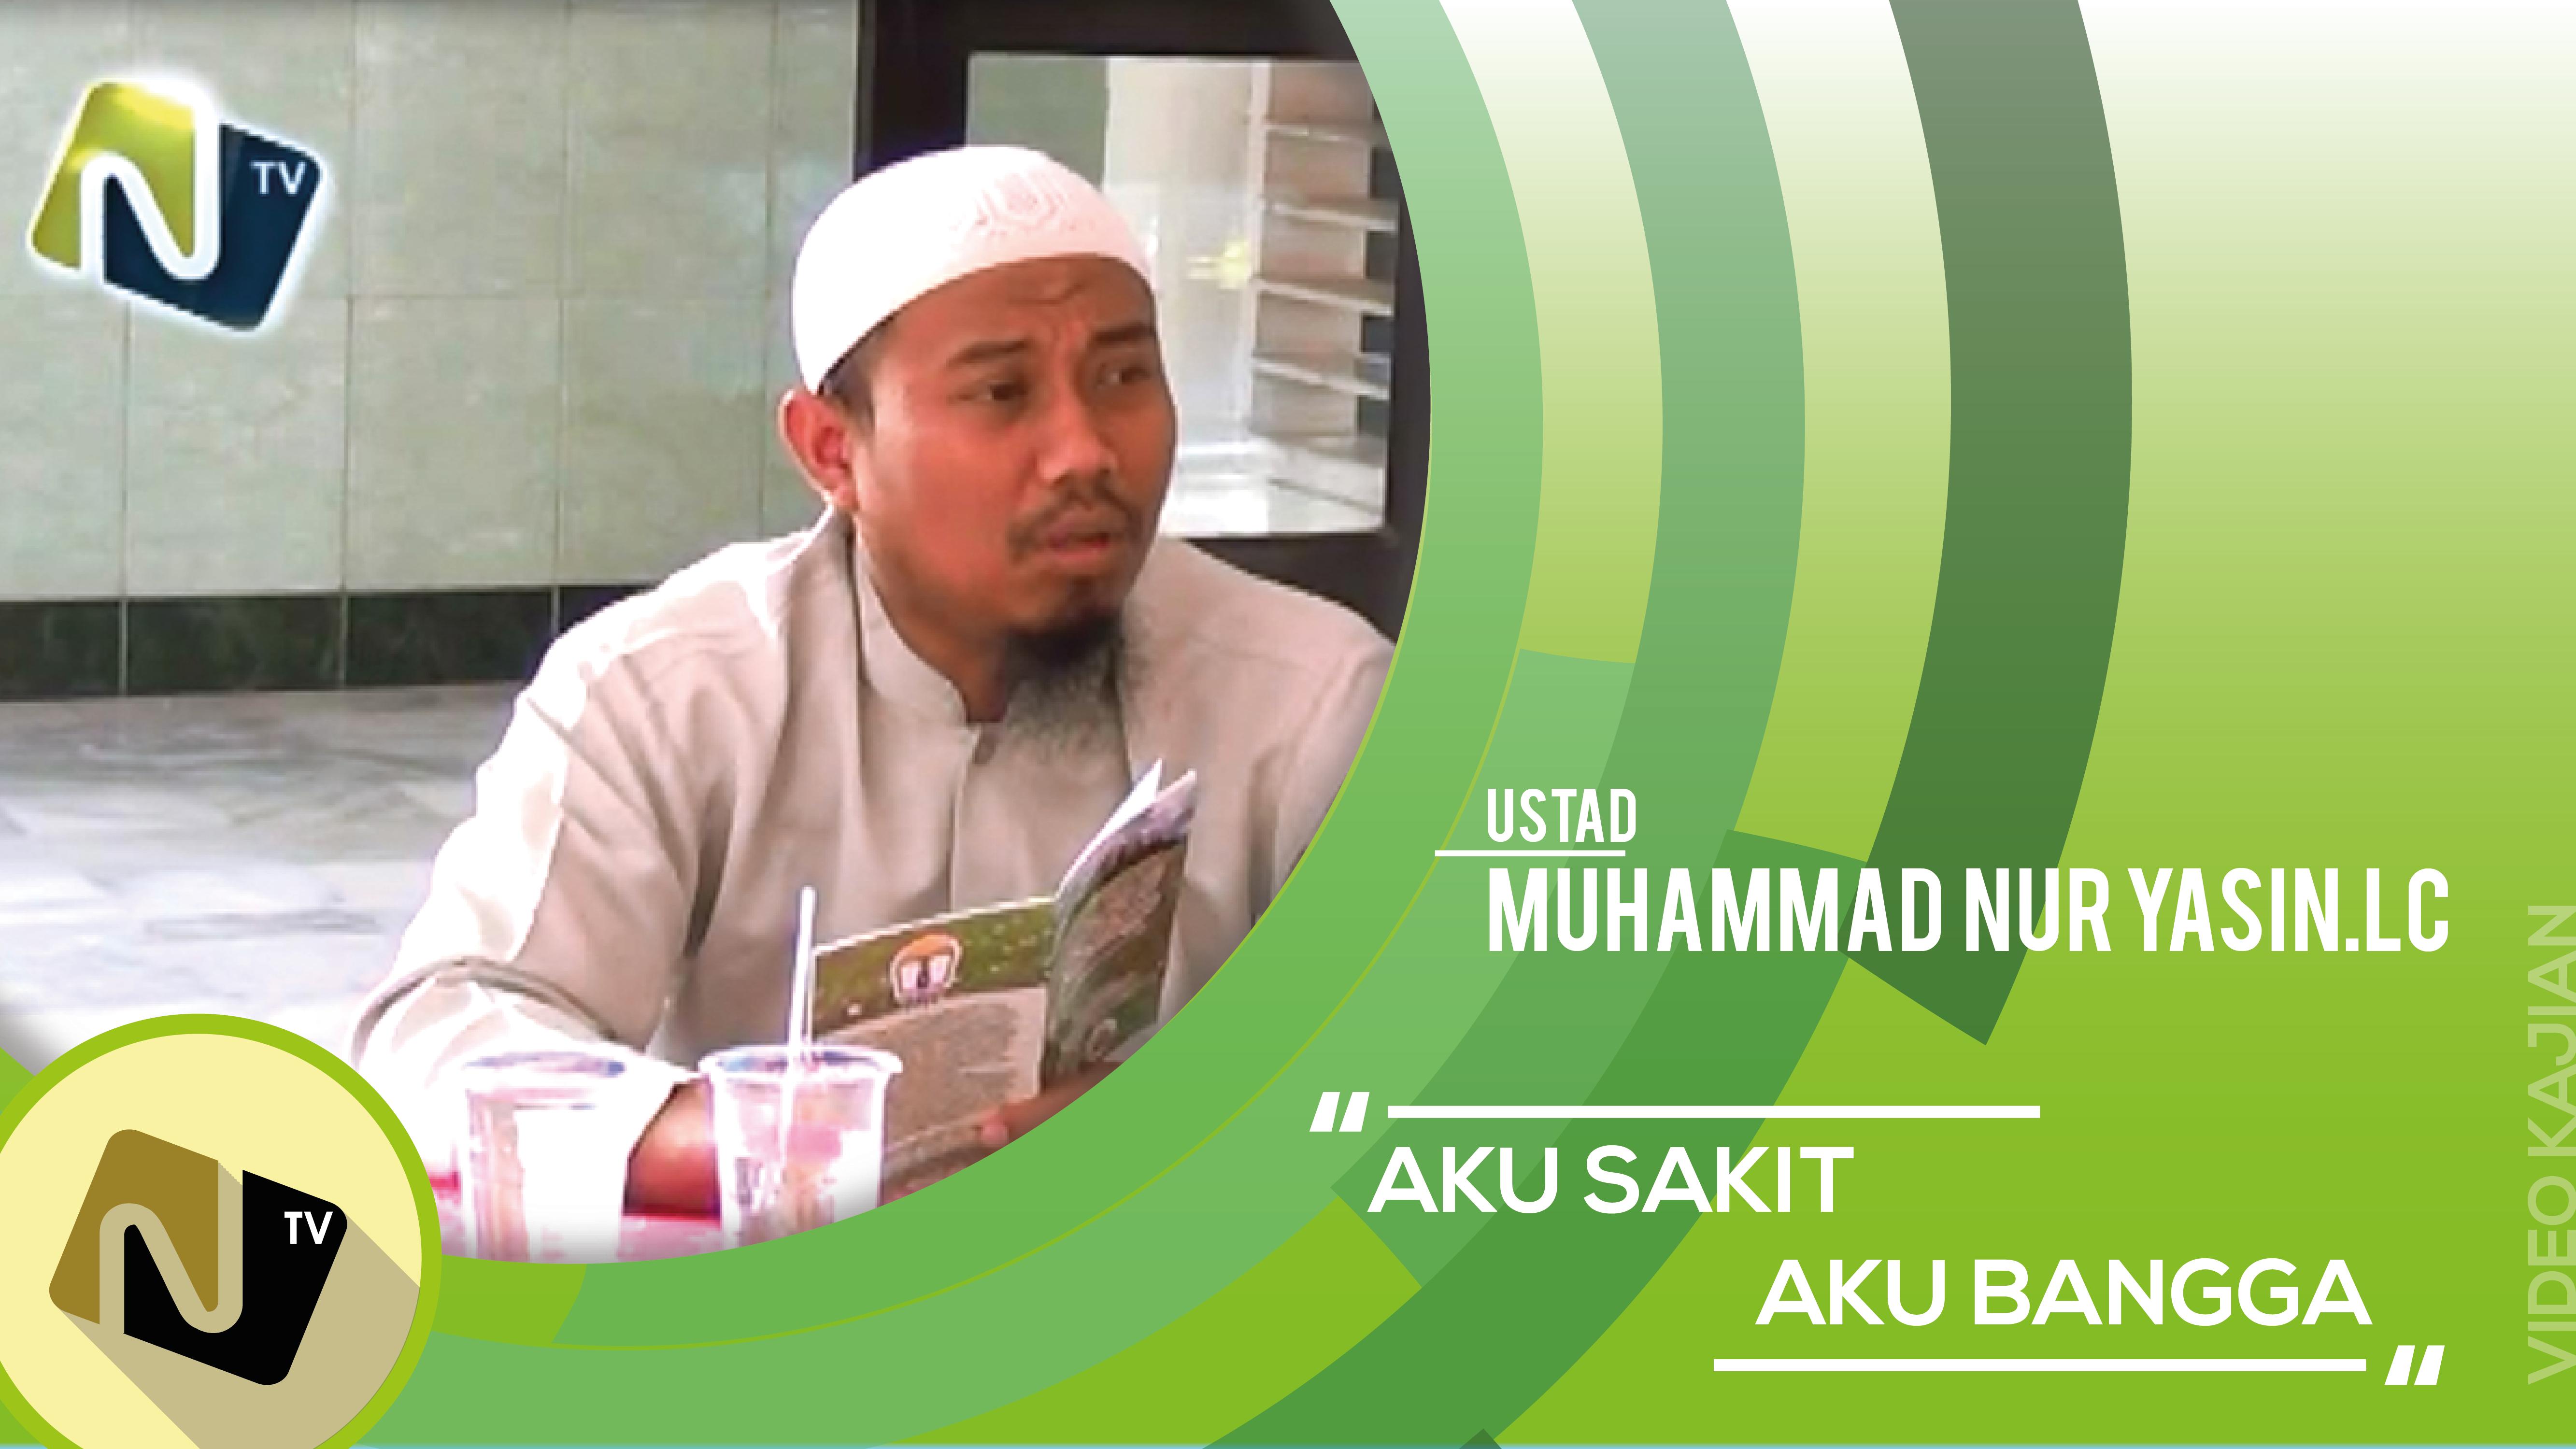 Aku Sakit Aku Bangga – Ustadz Muhammad Nur Yasin